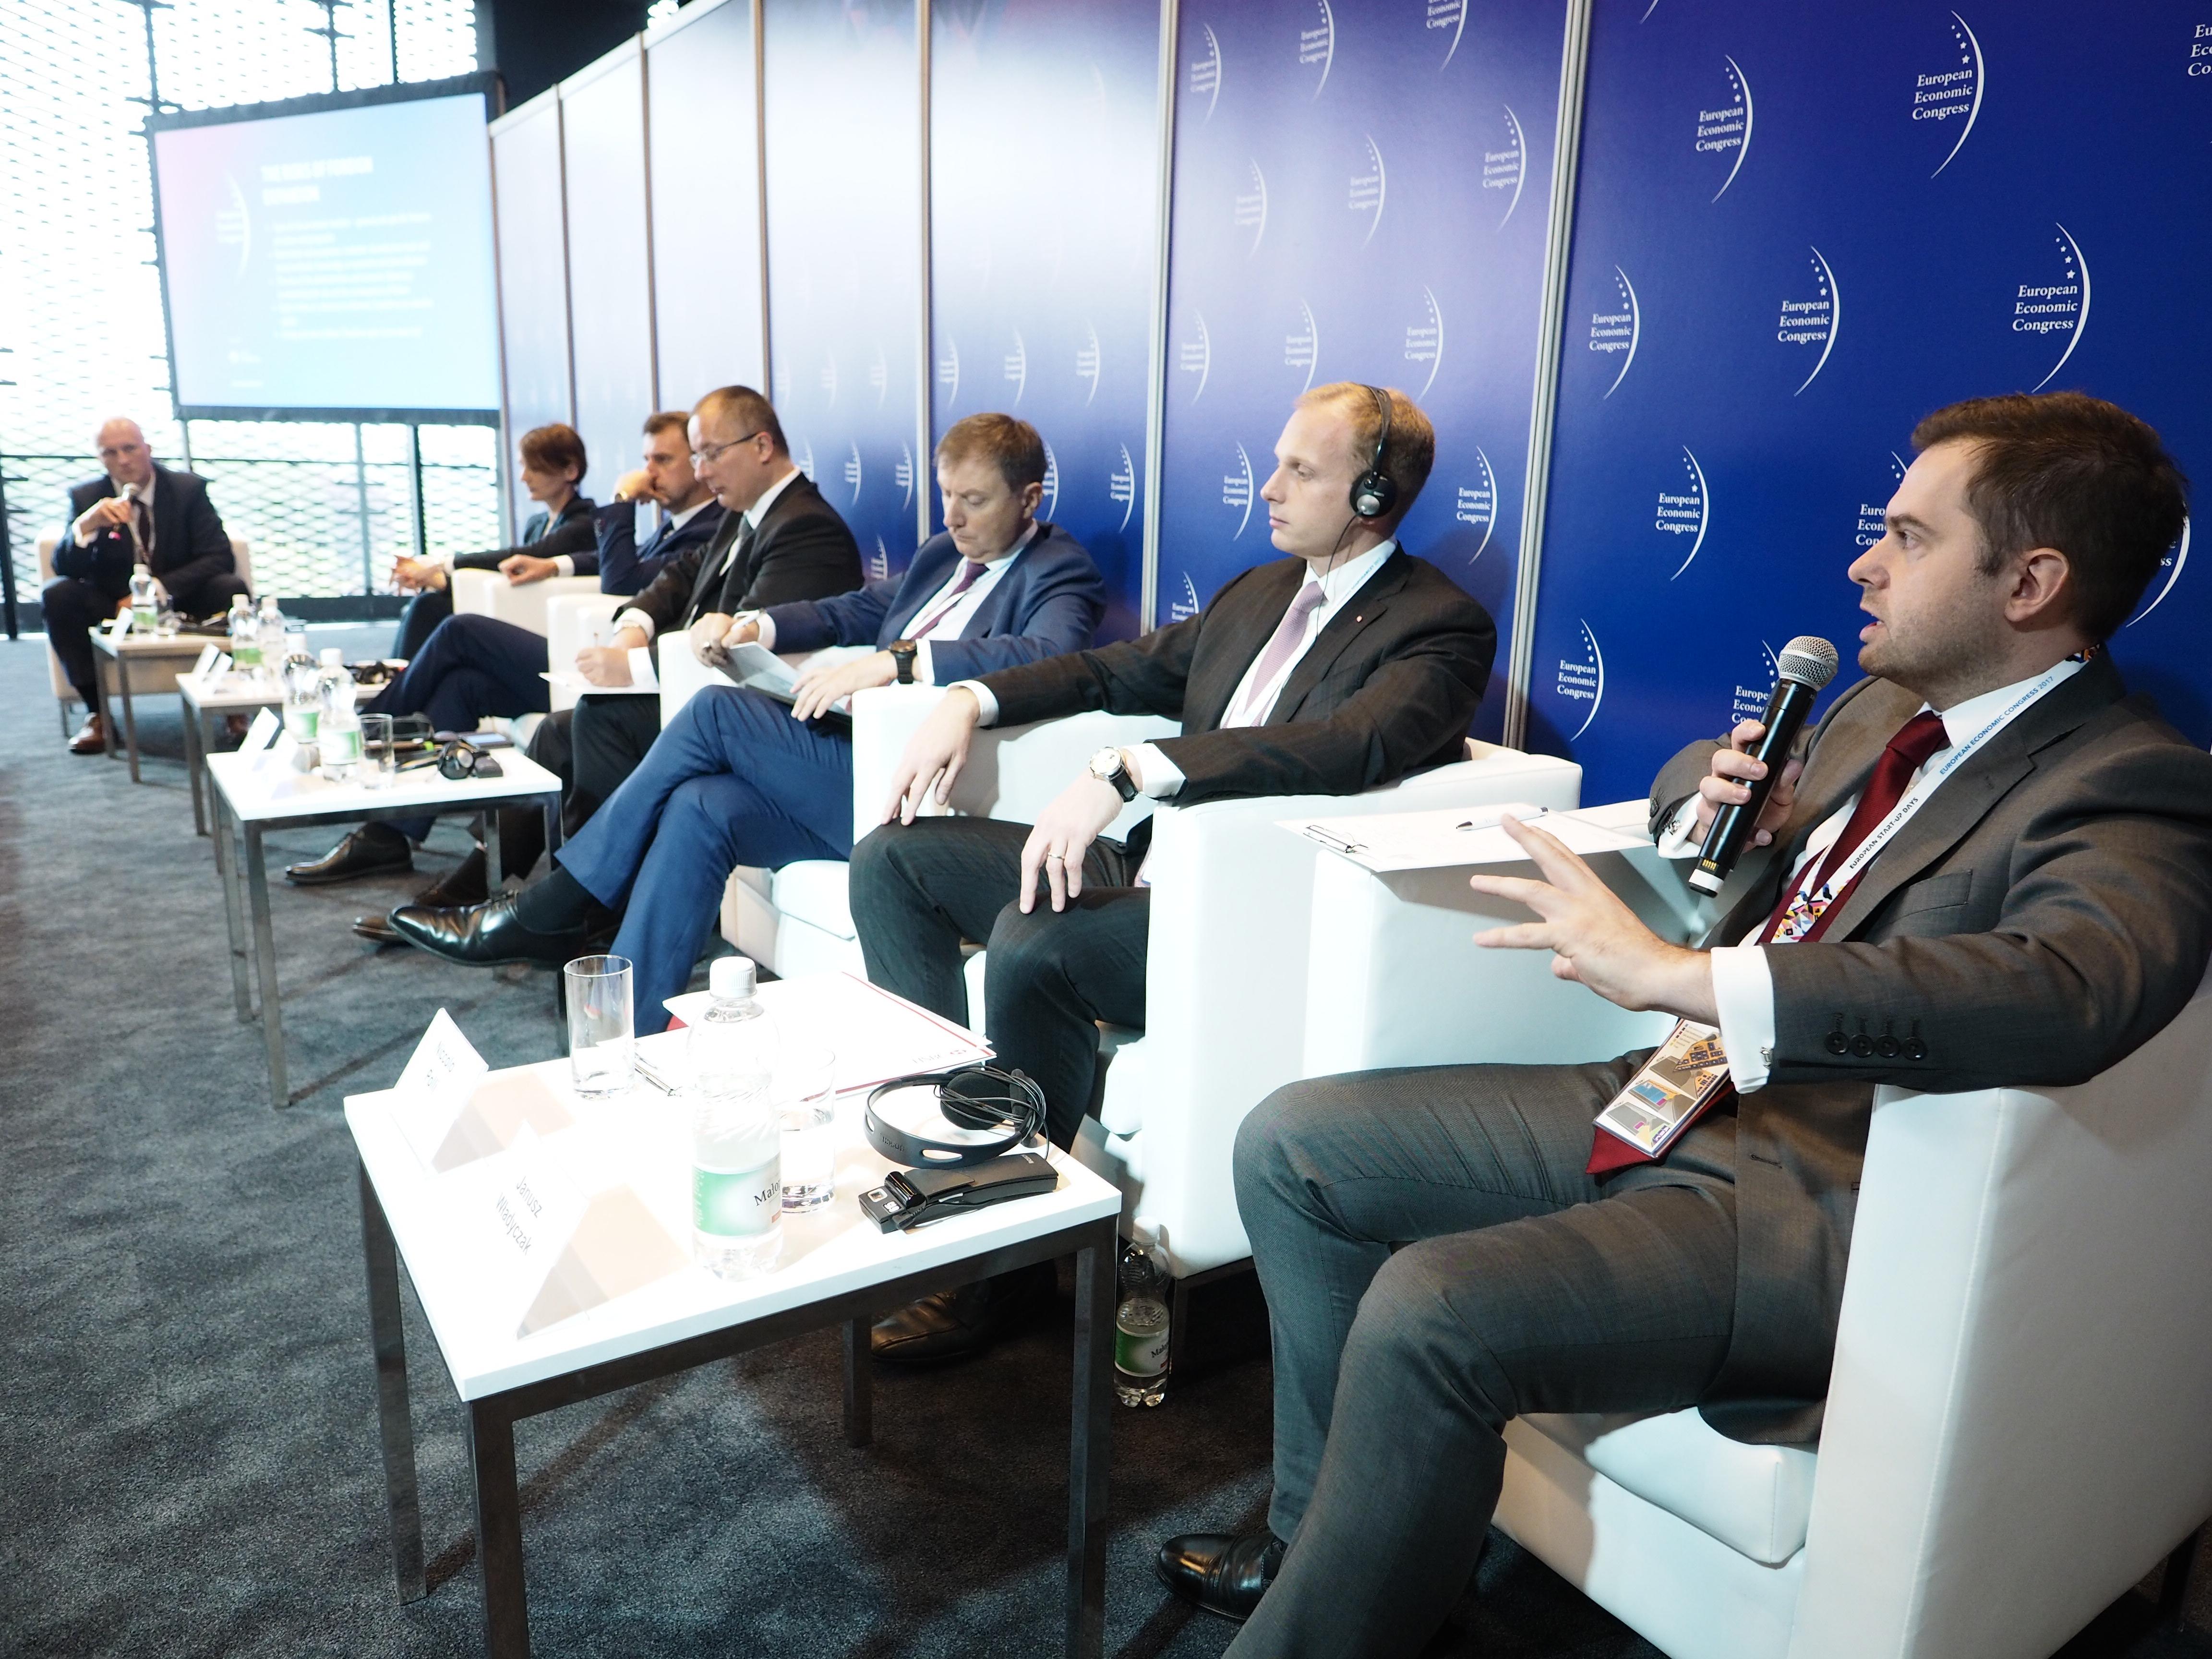 10. edycja Europejskiego Kongresu Gospodarczego odbędzie się już 14-16 maja w Katowicach (fot. PTWP)